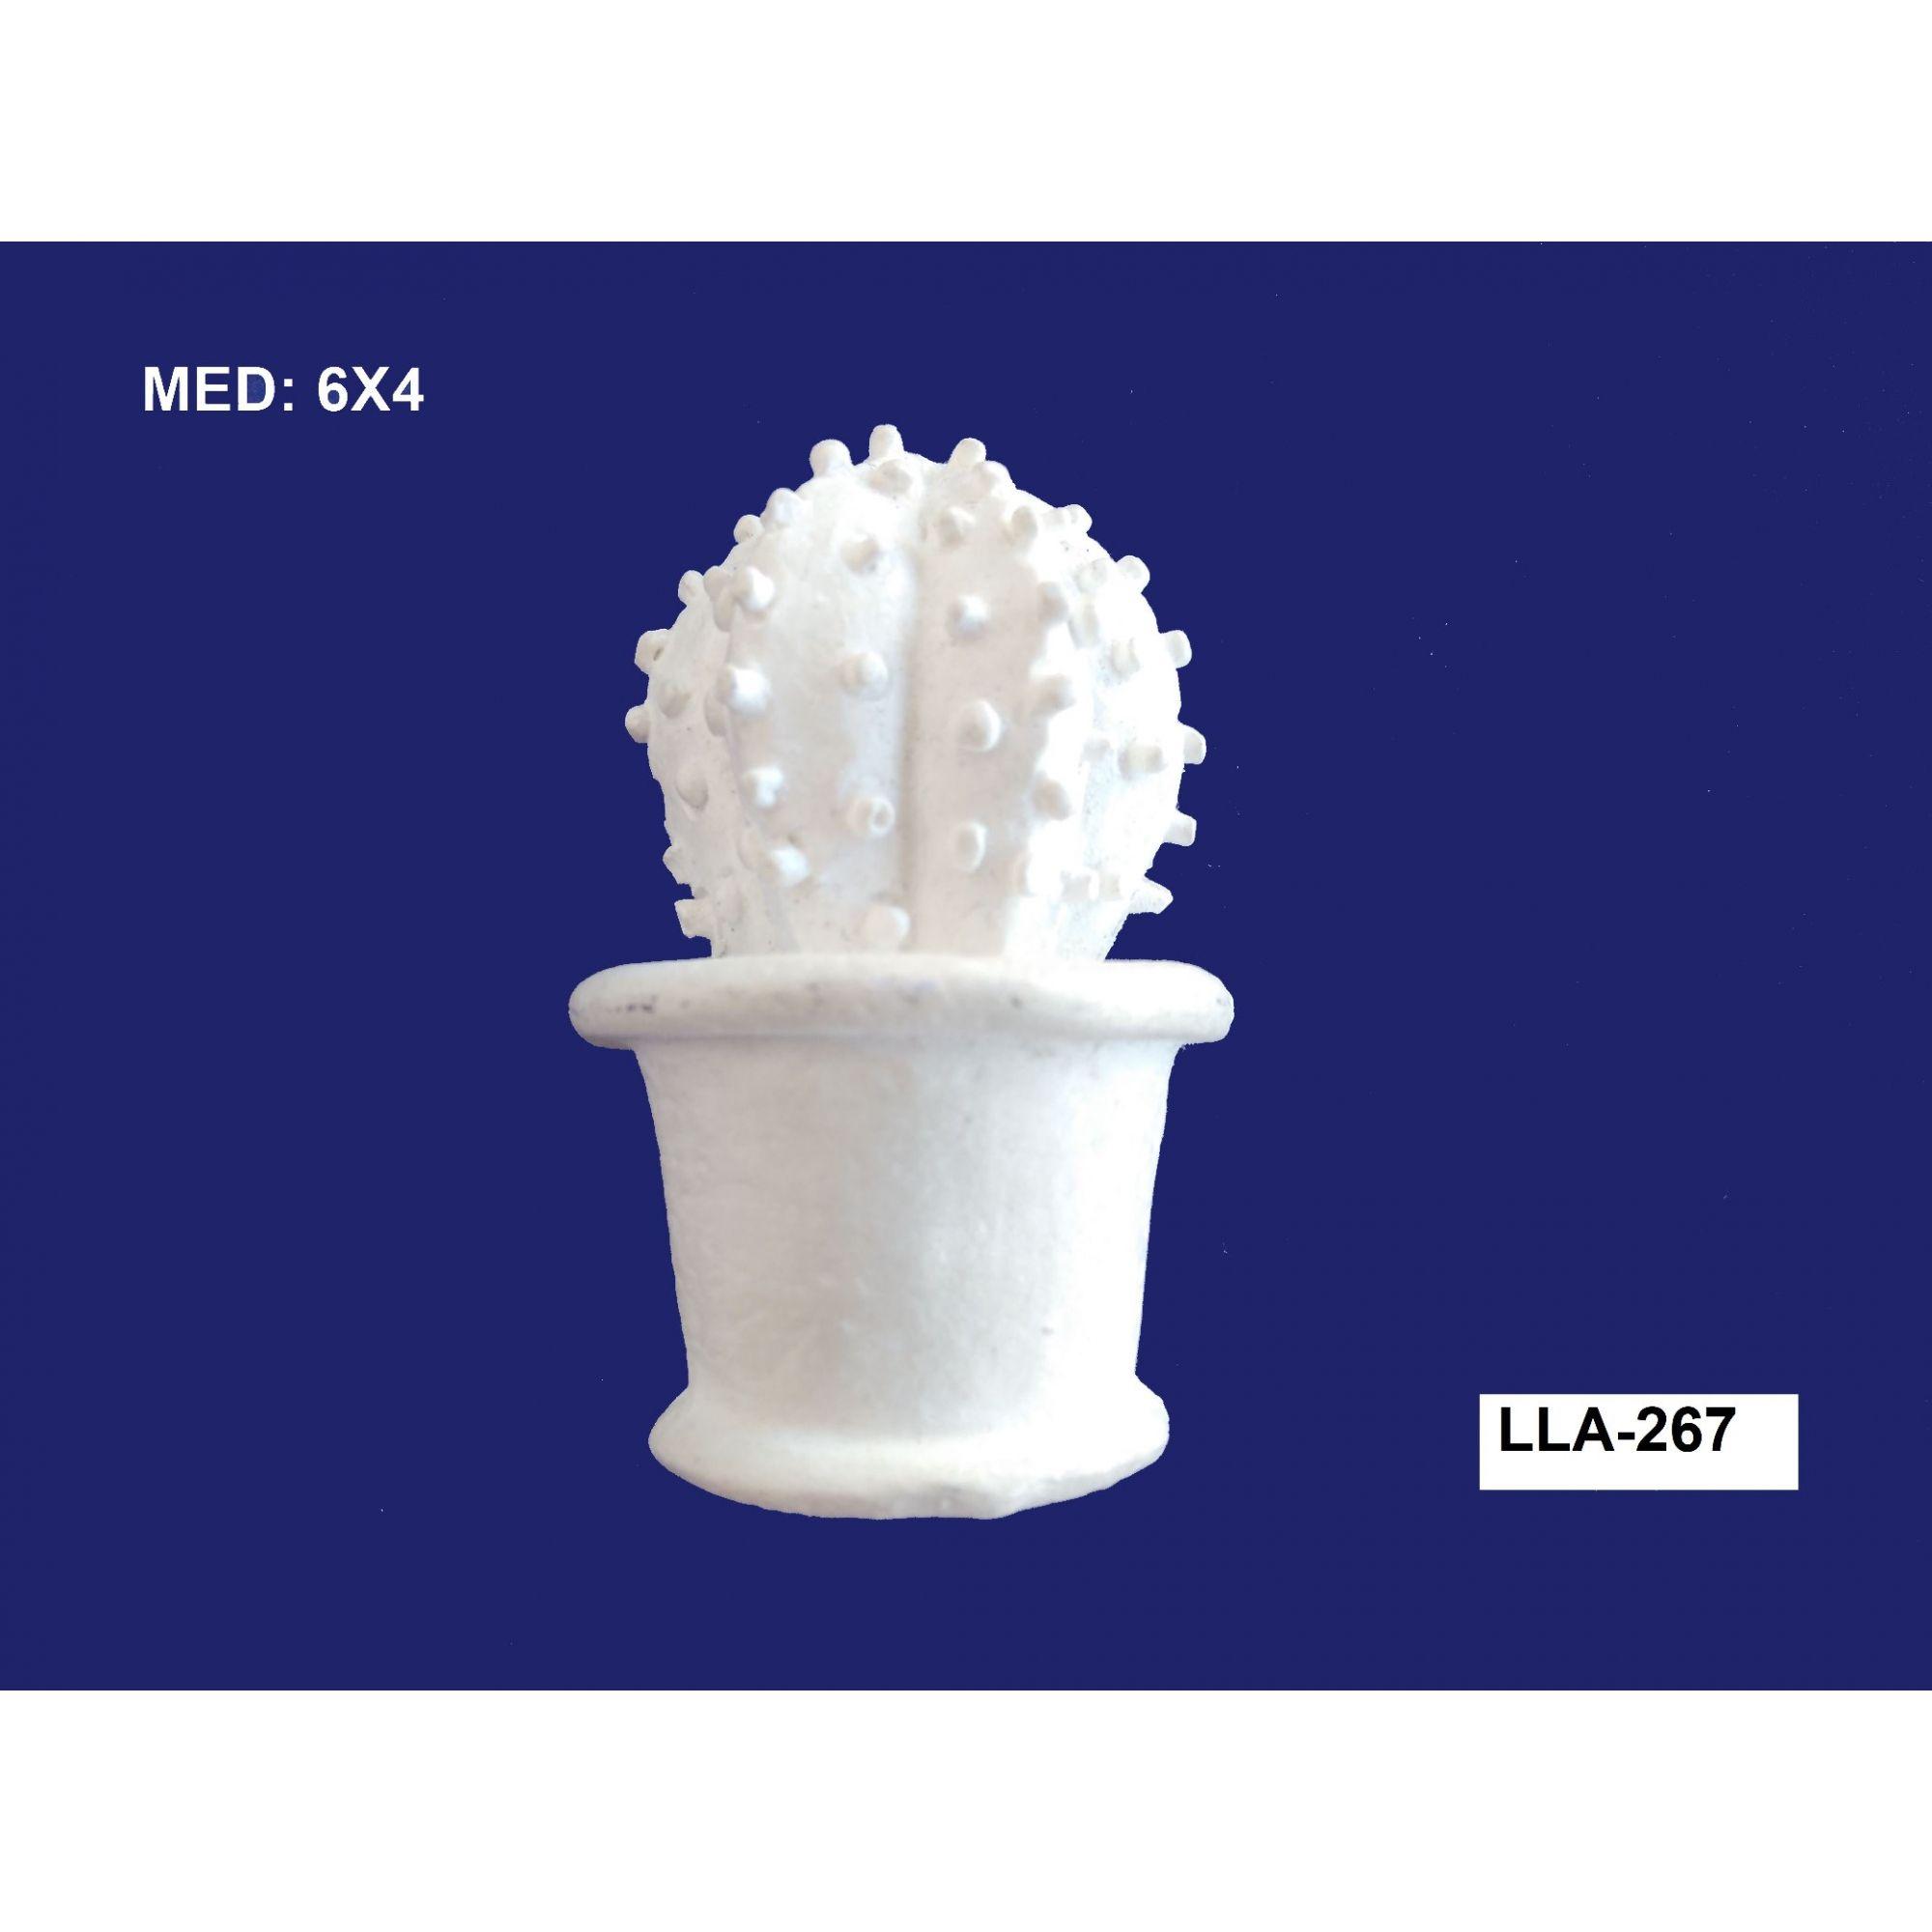 LLA-267 APLIQUE CACTO 06X04CM